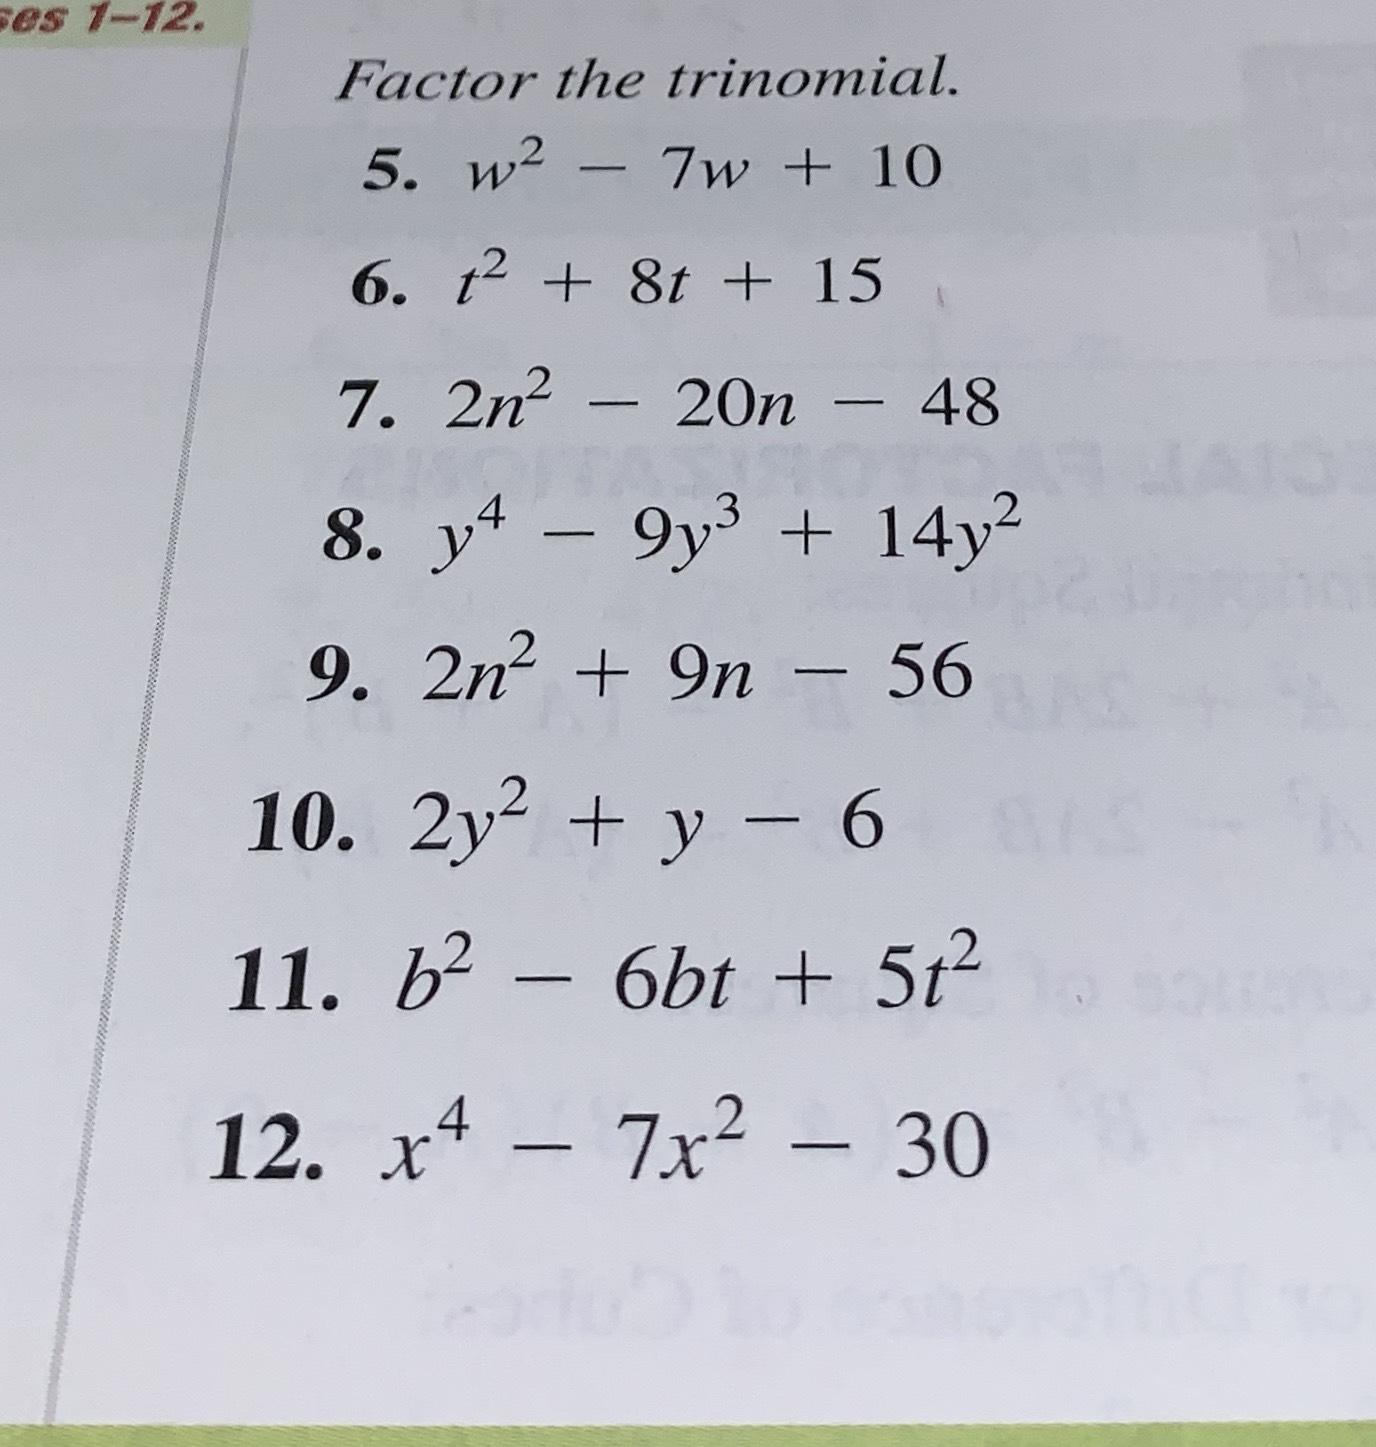 ses 1-12. Factor the trinomial. 5. w2 7w+10 6. t 8t + 15 7. 2n- 20n - 48 8. y-9y3 14y2 9. 2n 9n - 56 10. 2y y 6 11. b2- 6bt +5t2 7x2-30 12. х4